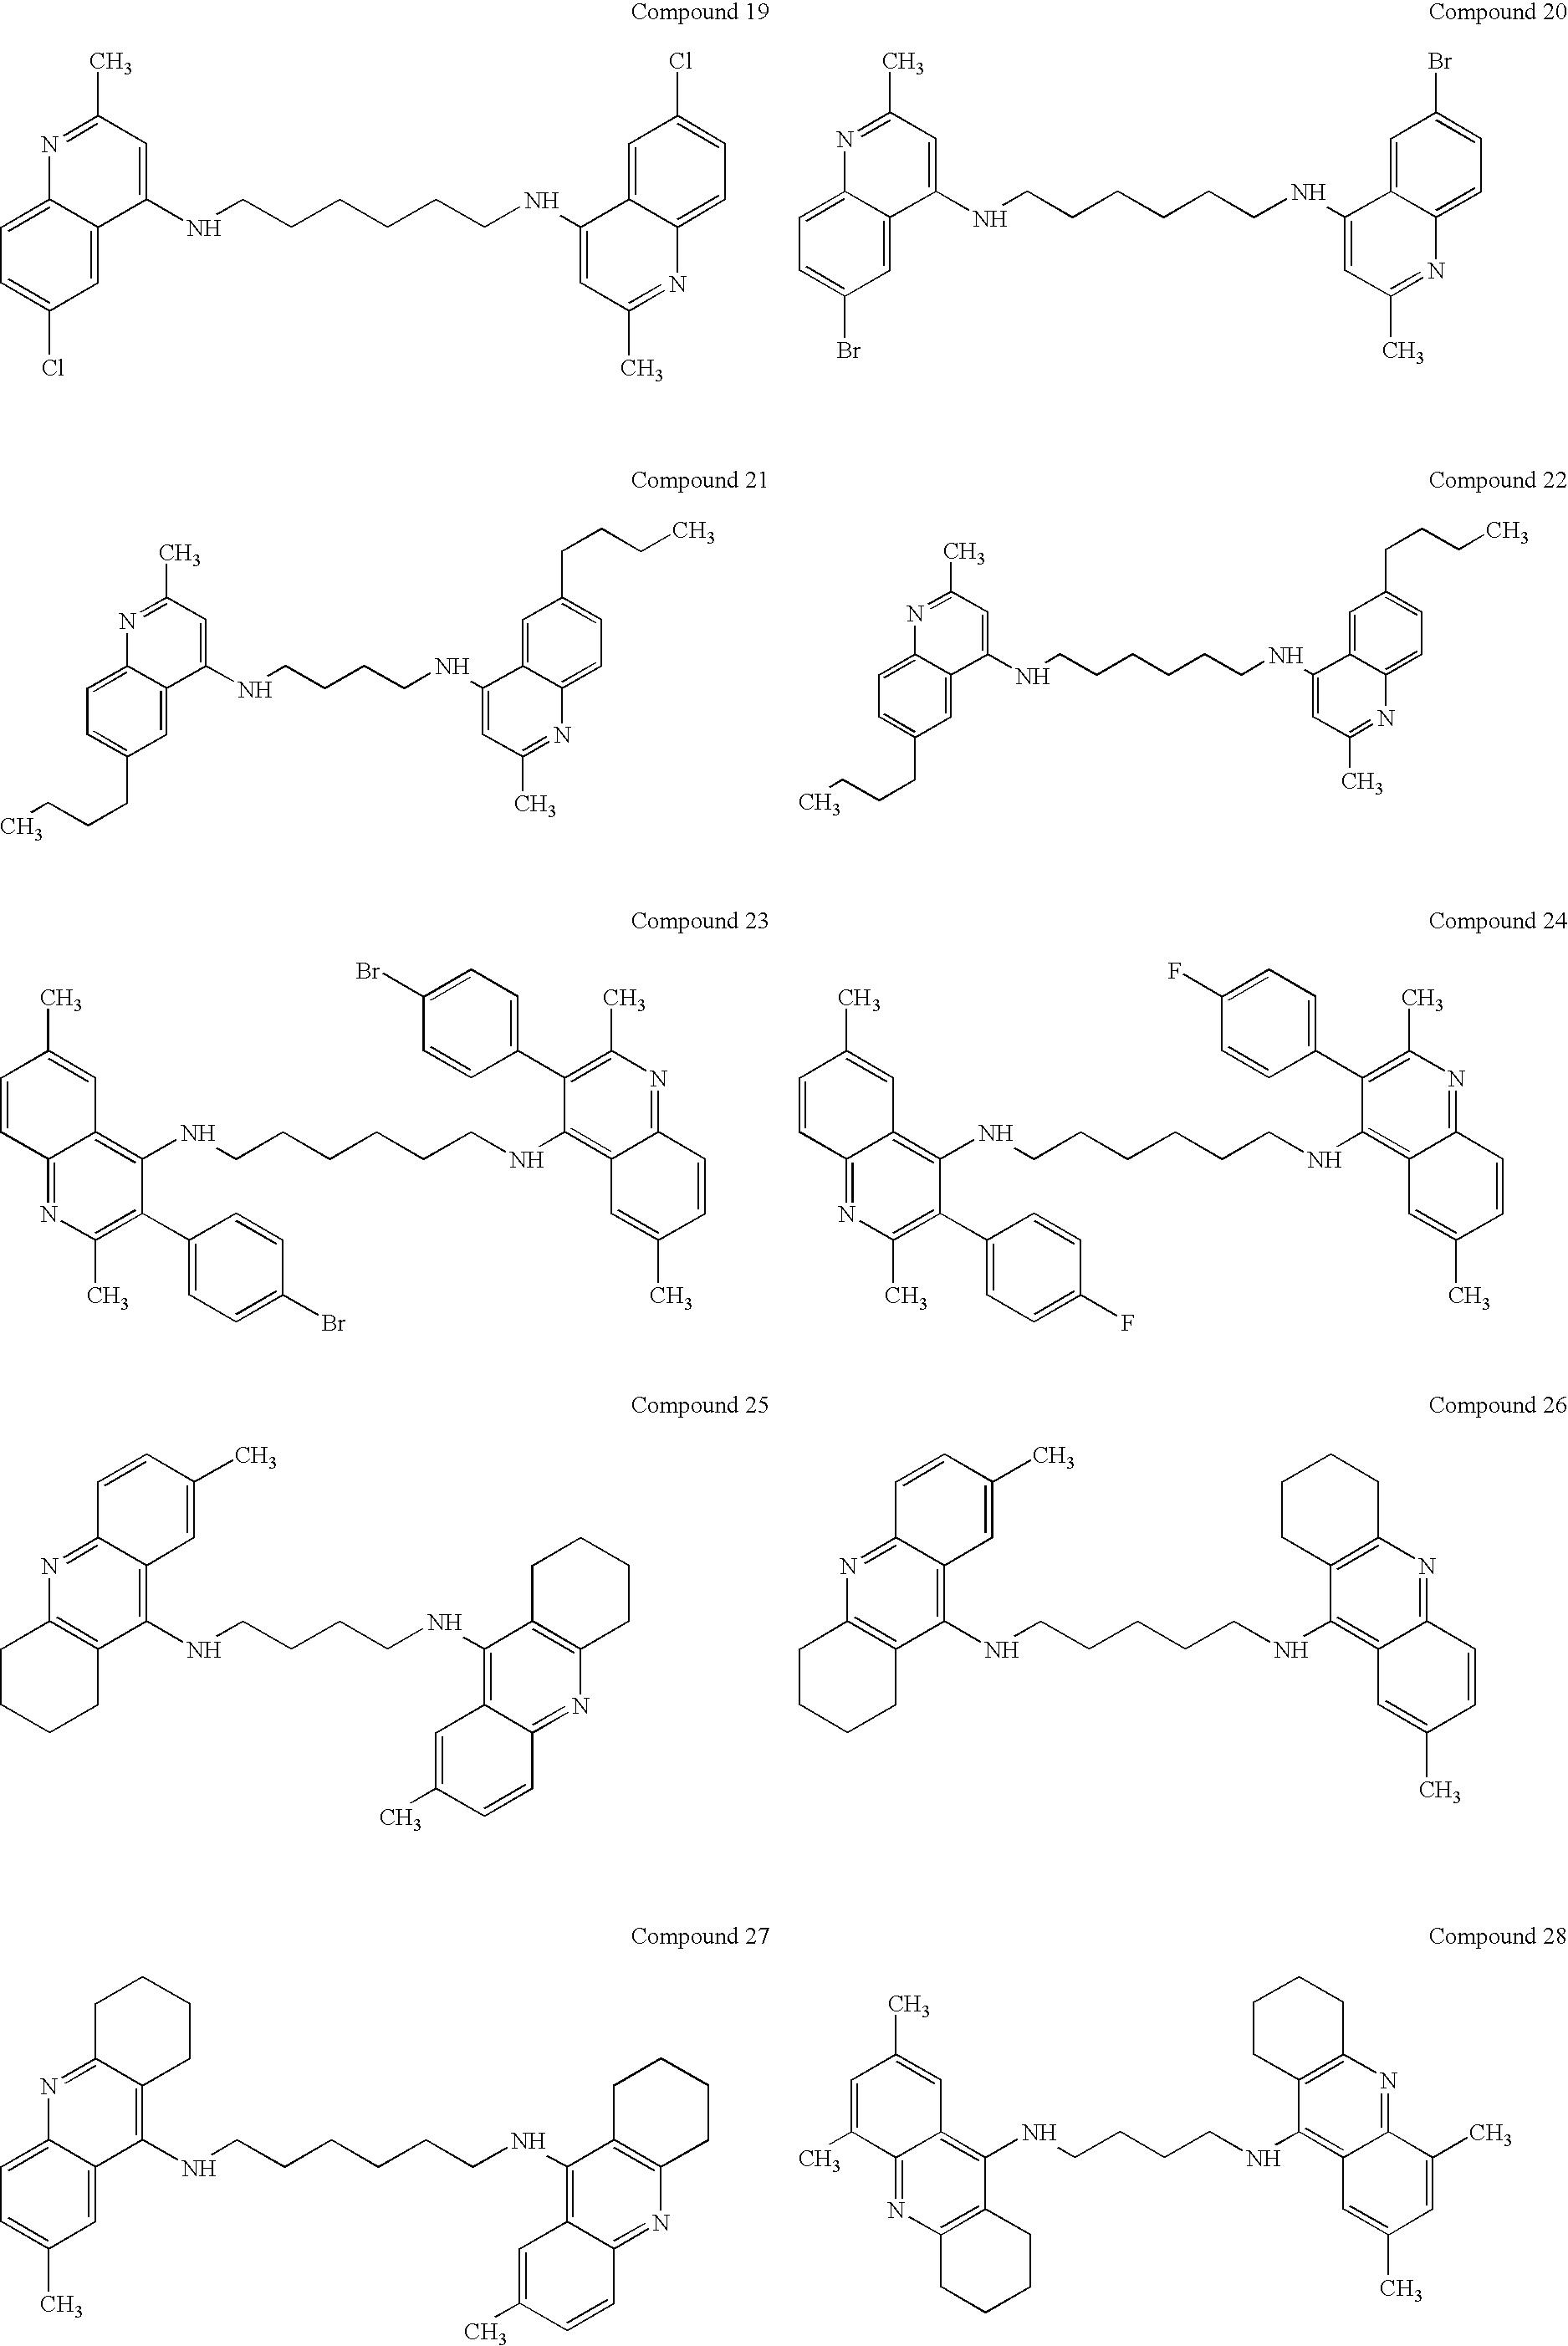 Figure US20040209902A1-20041021-C00007